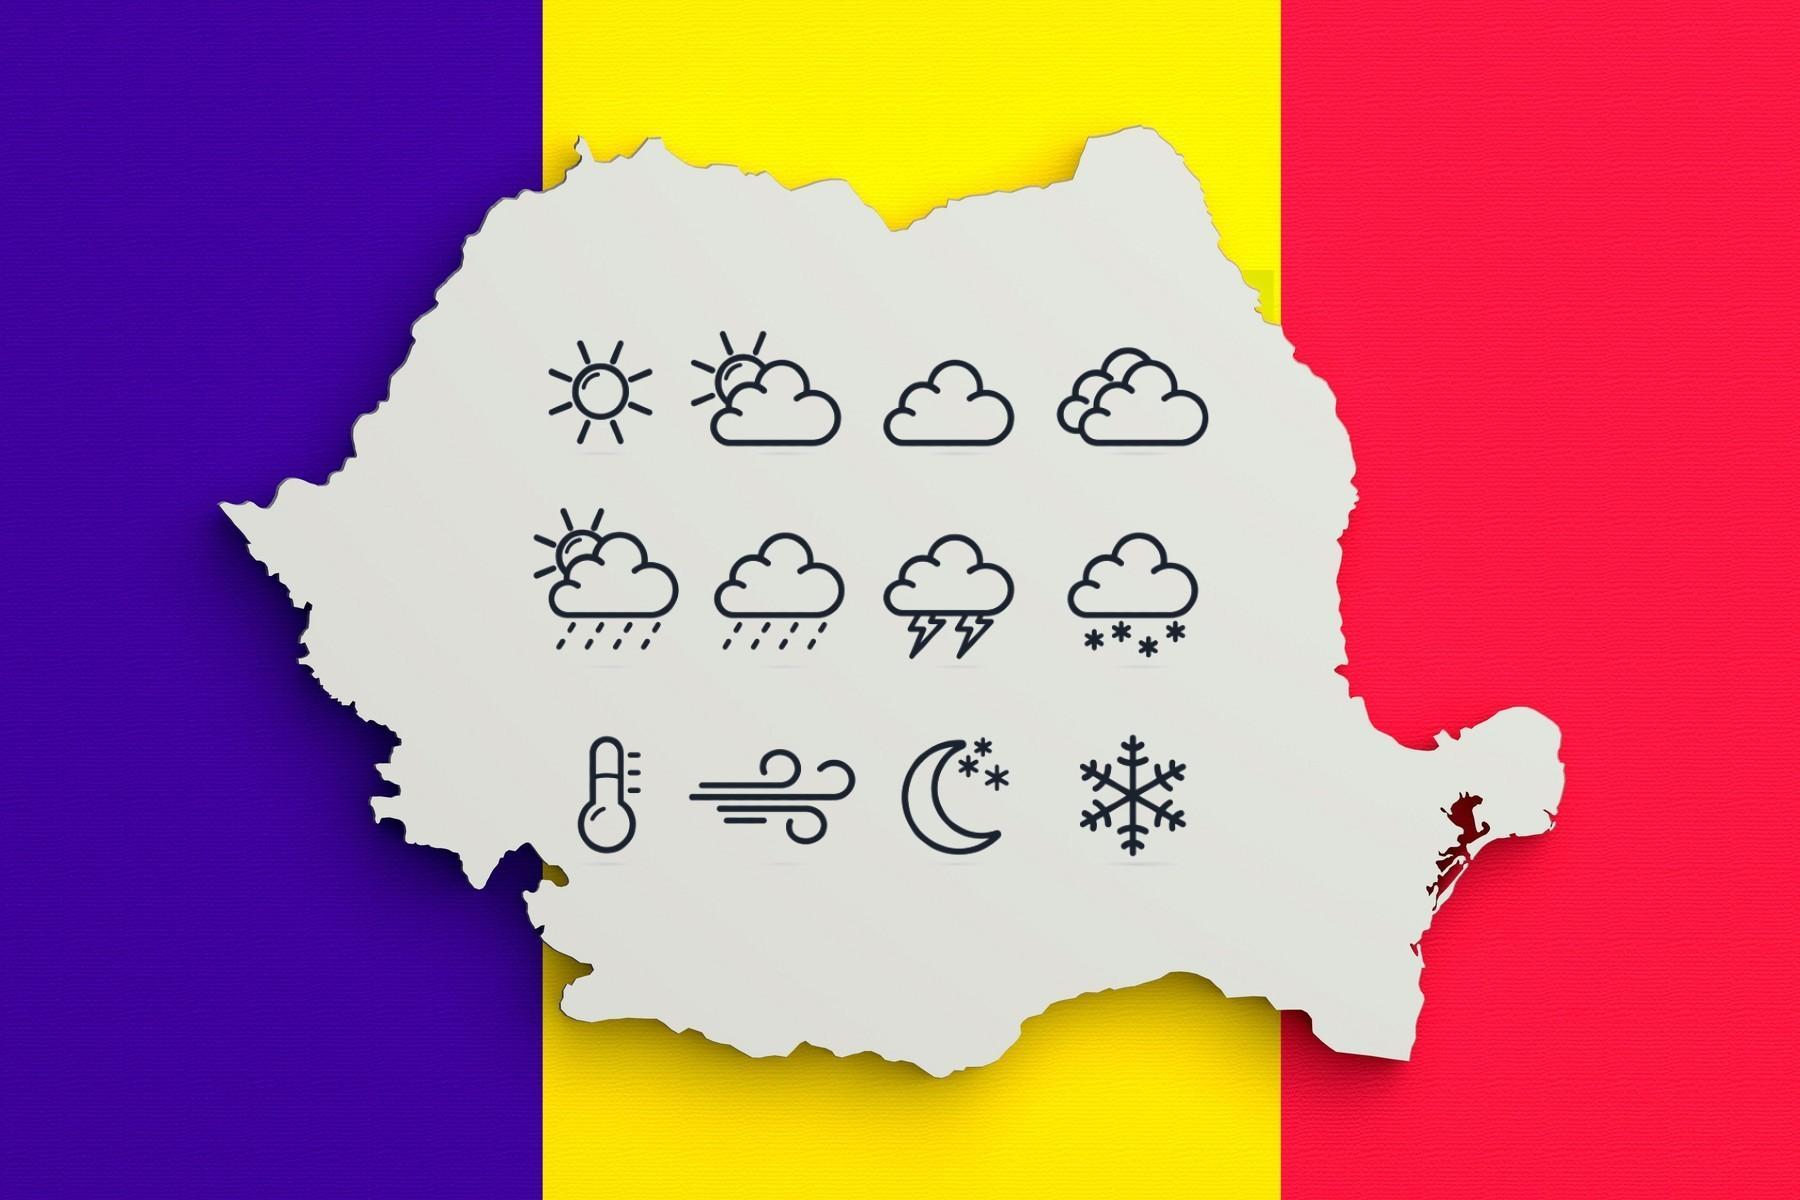 Prognoza meteo 5 septembrie 2021. Cum va fi vremea în România și care sunt previziunile ANM pentru astăzi